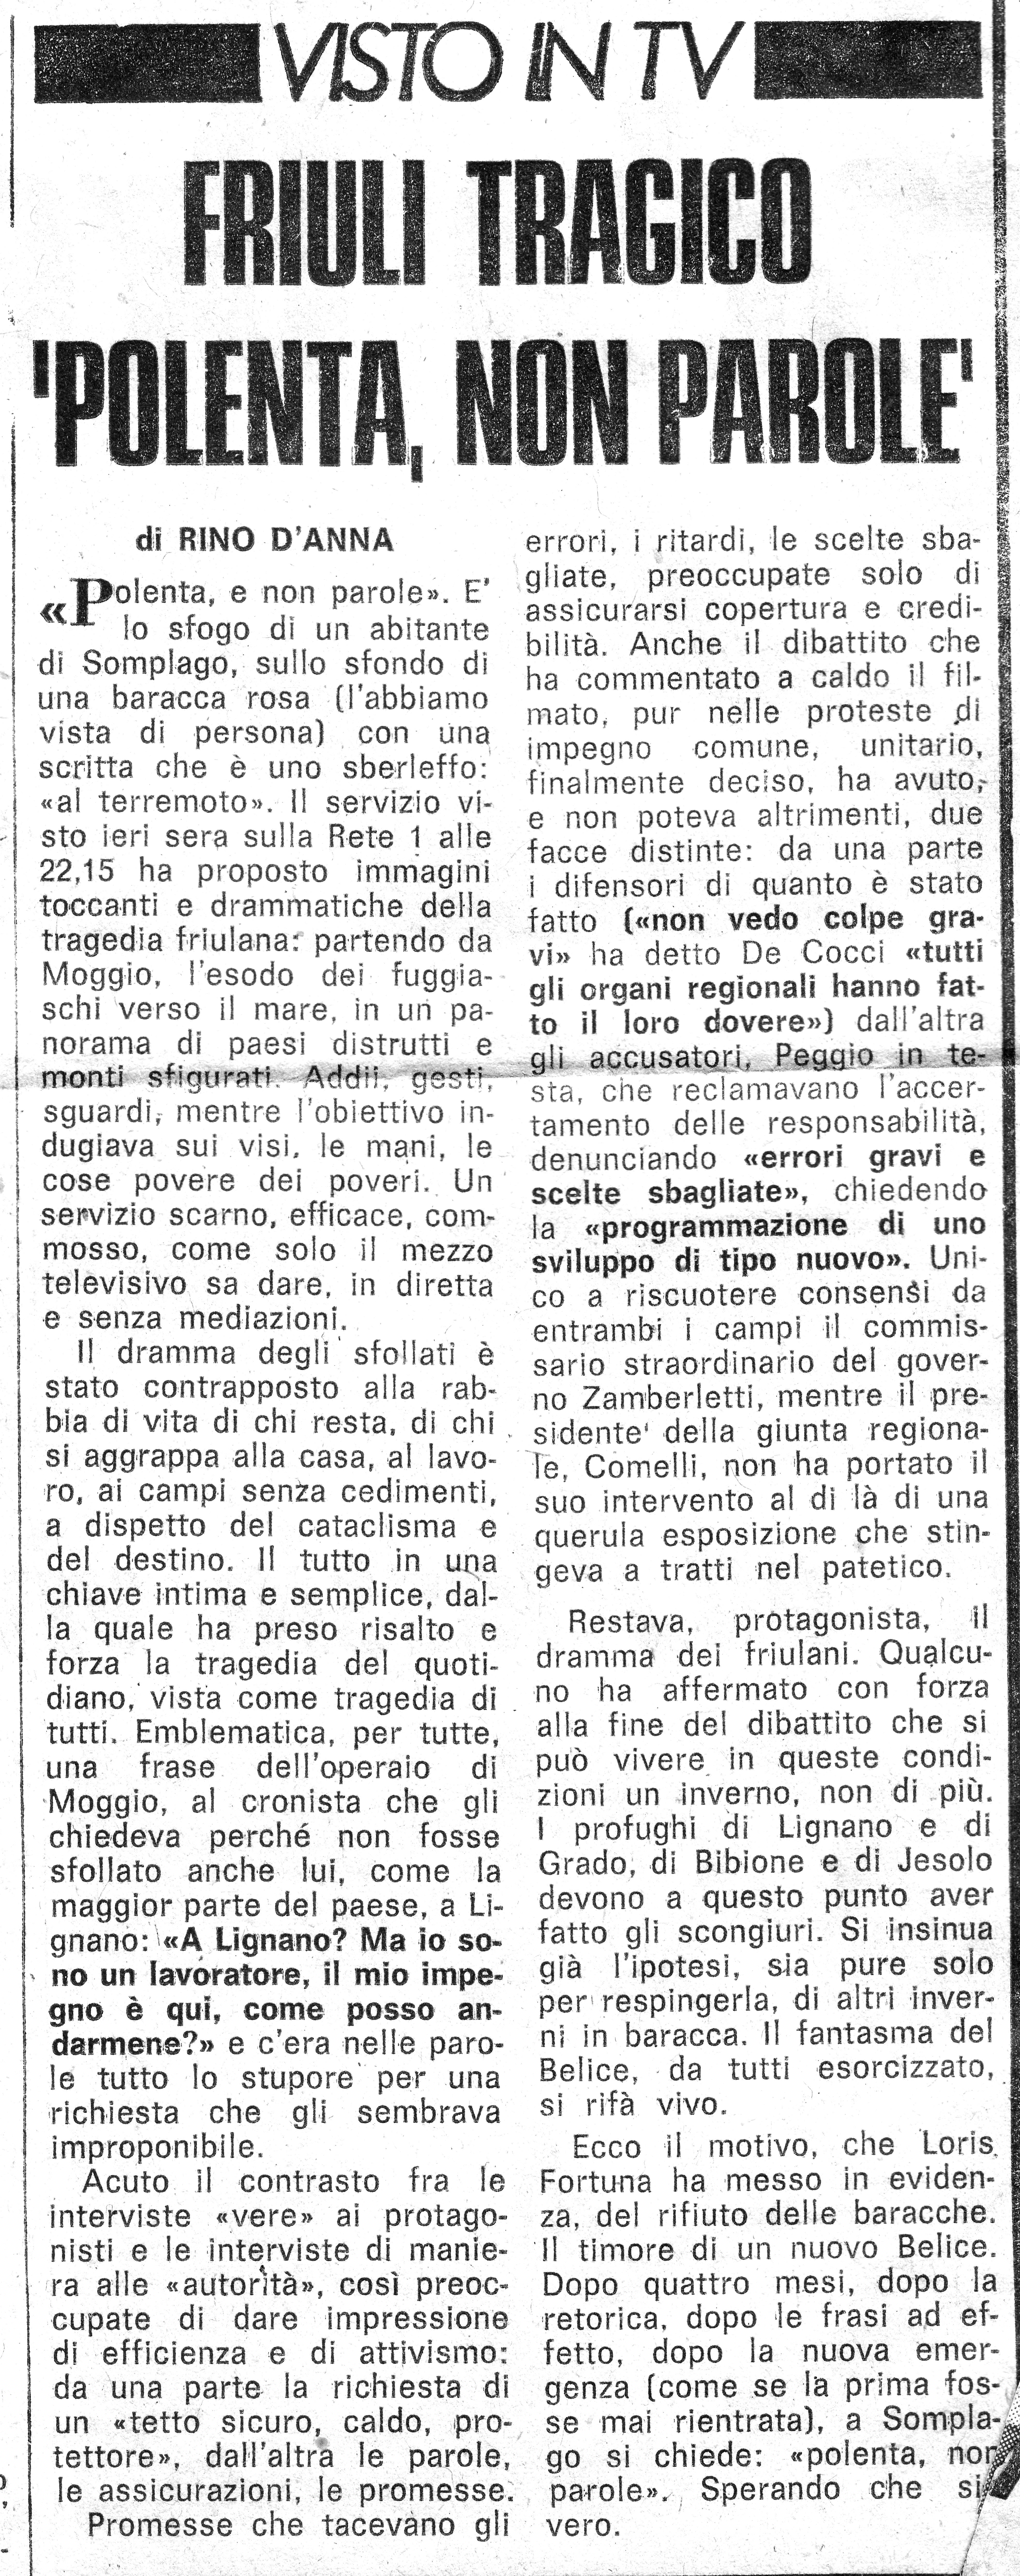 Secolo. XIX 22-9-76